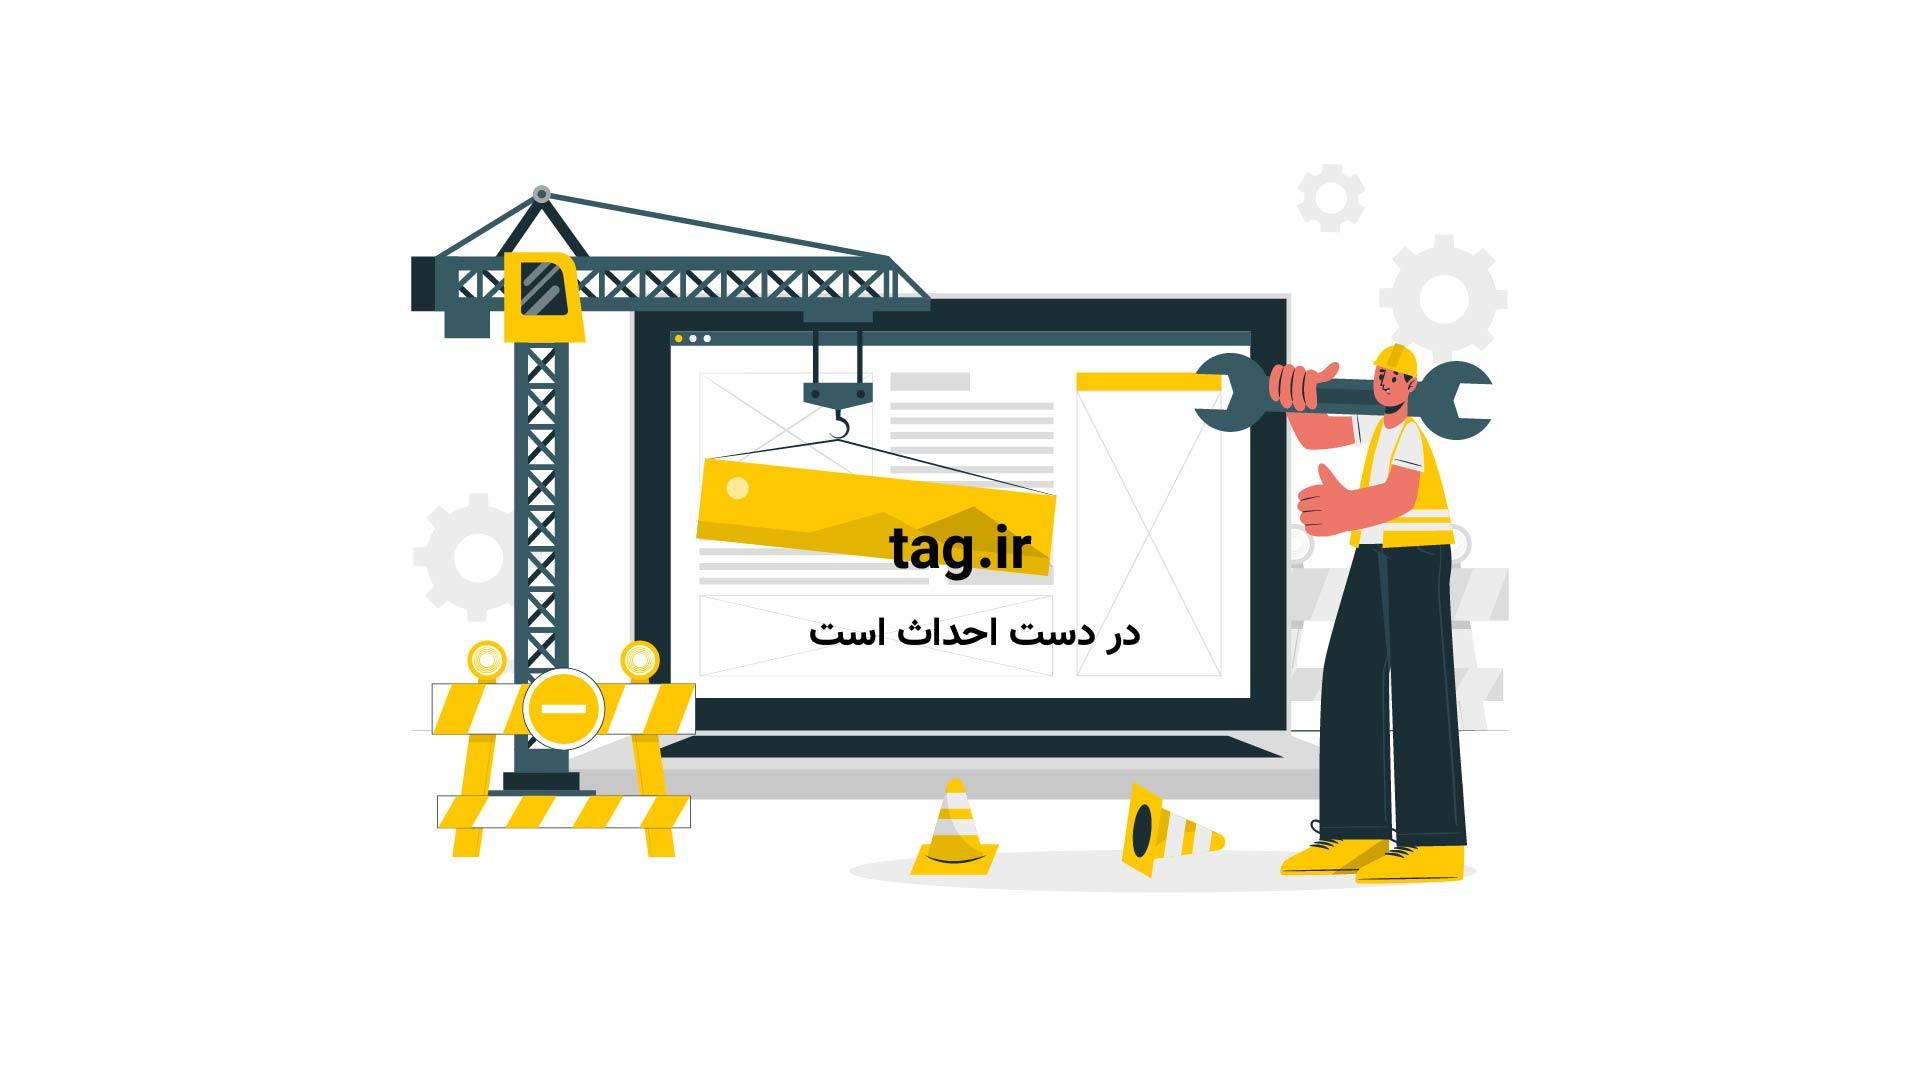 علی اصغر آسیابری | تگ